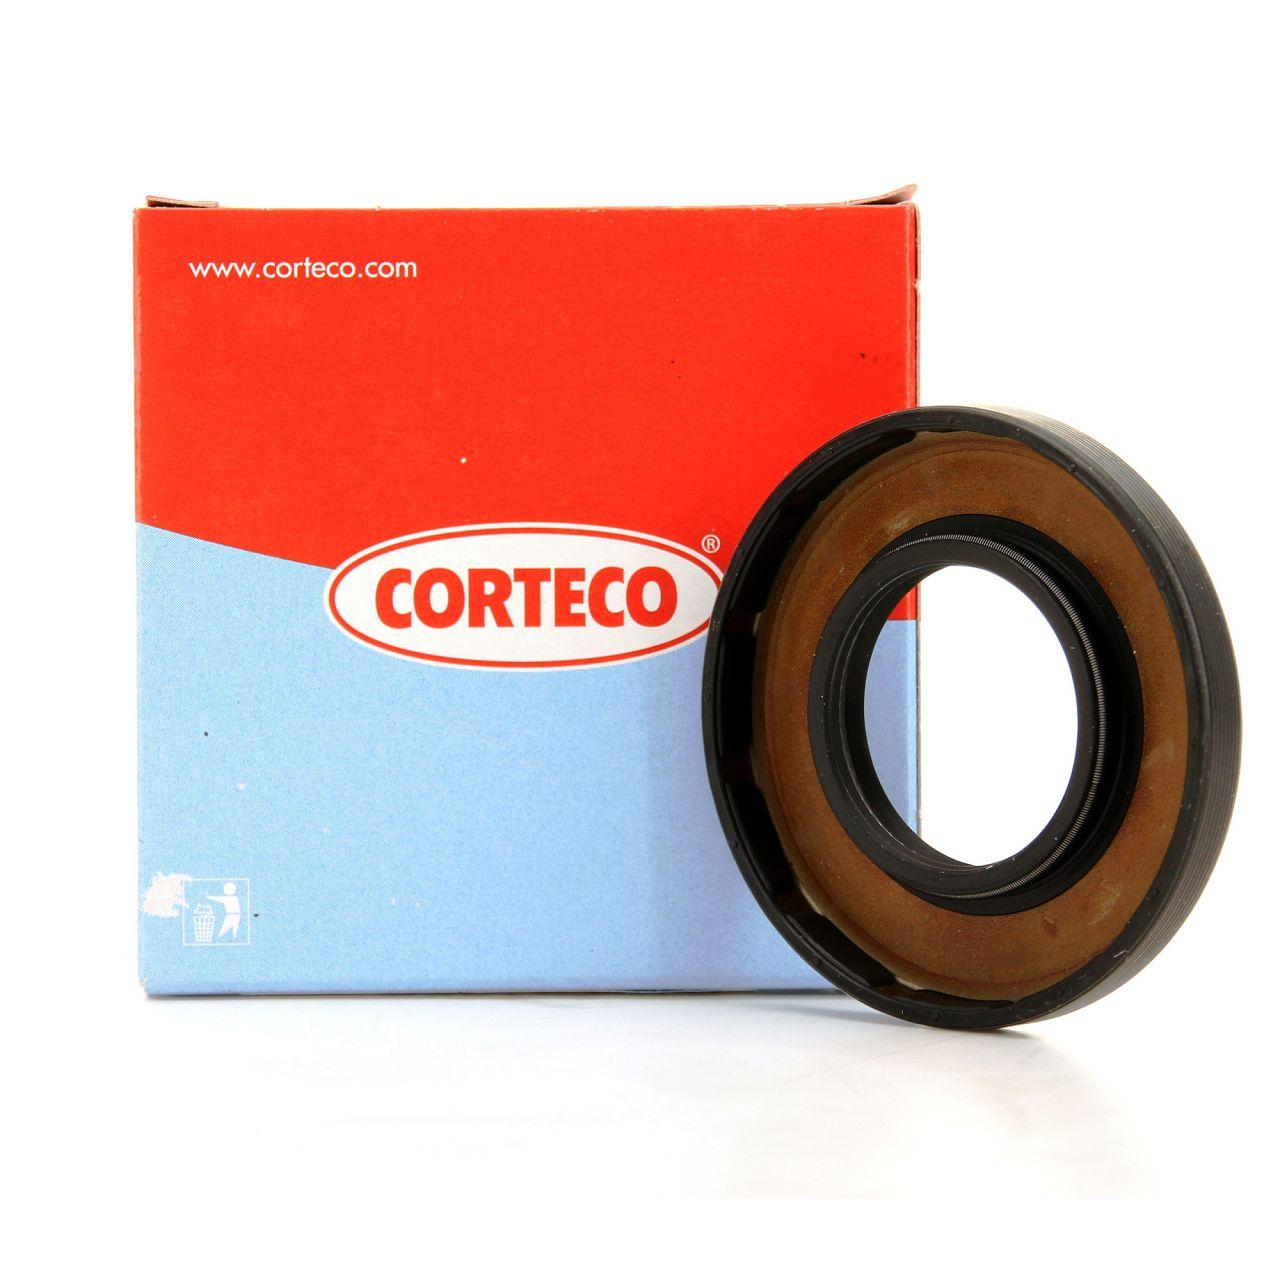 CORTECO Wellendichtring Gelenkflansch Differential für RENAULT 8200068744